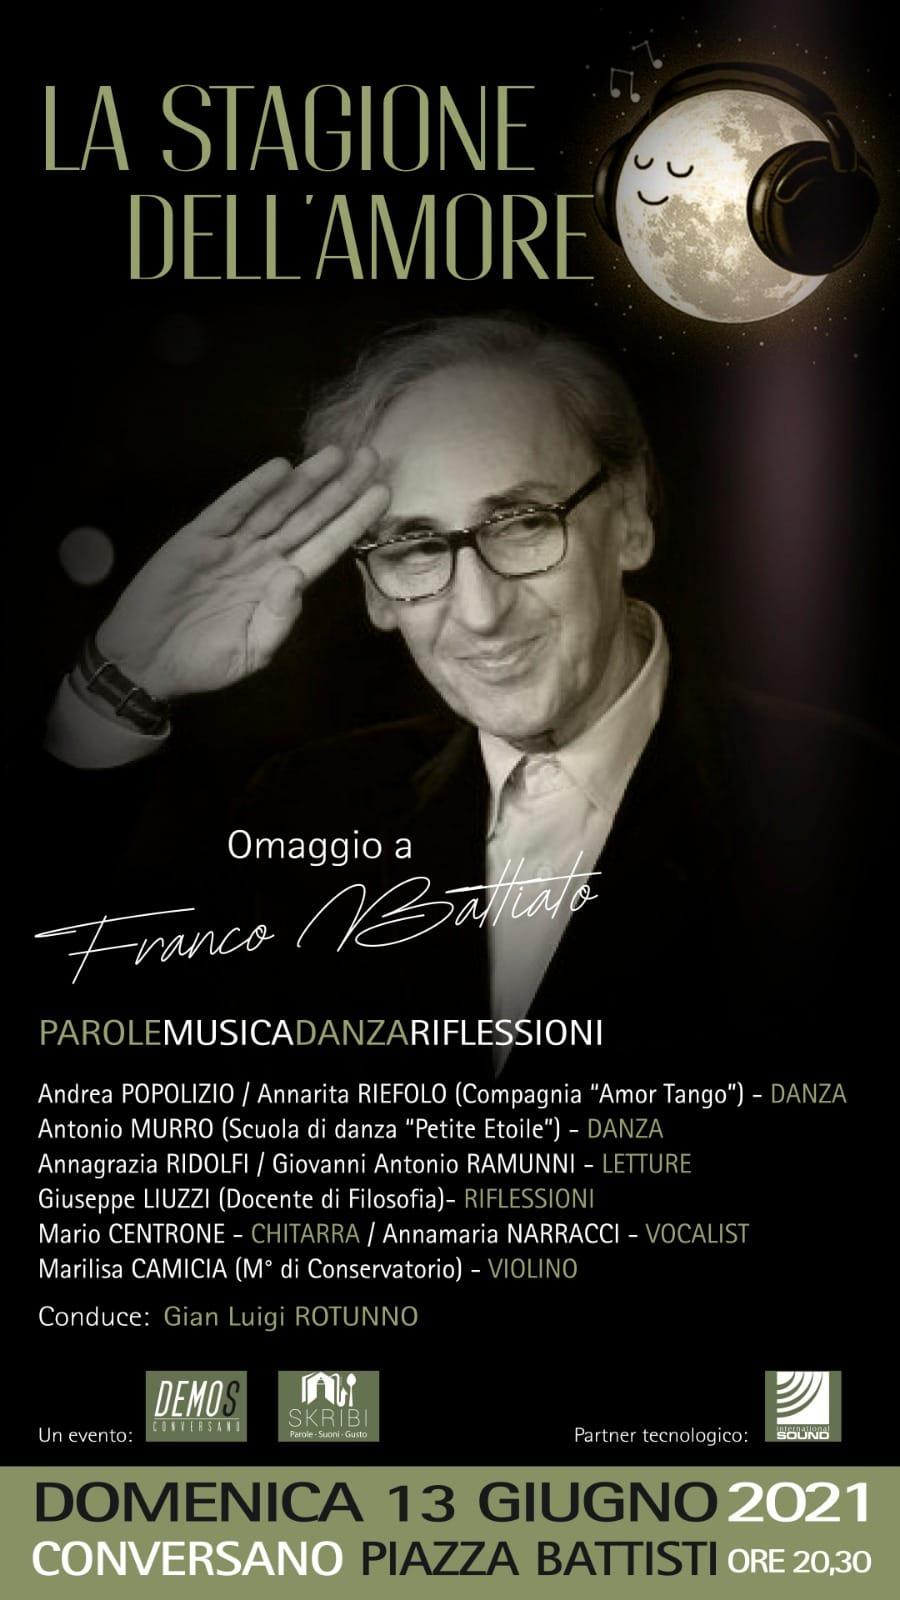 La stagione dell'amore_serata in memoria di Franco Battiato